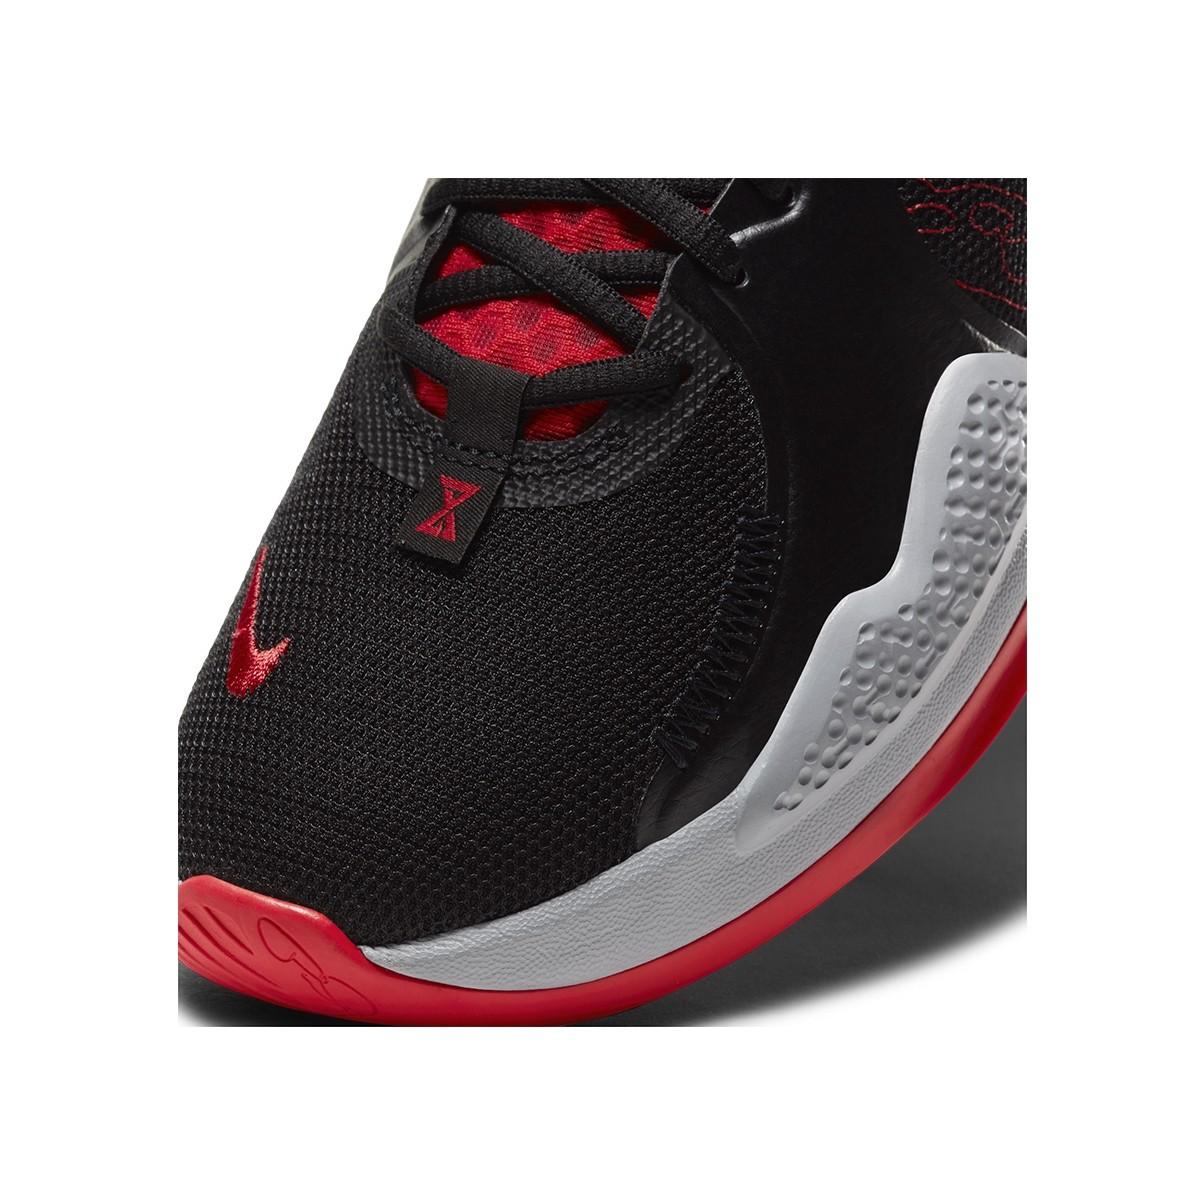 Nike PG 5 'Bred'-CW3143-002